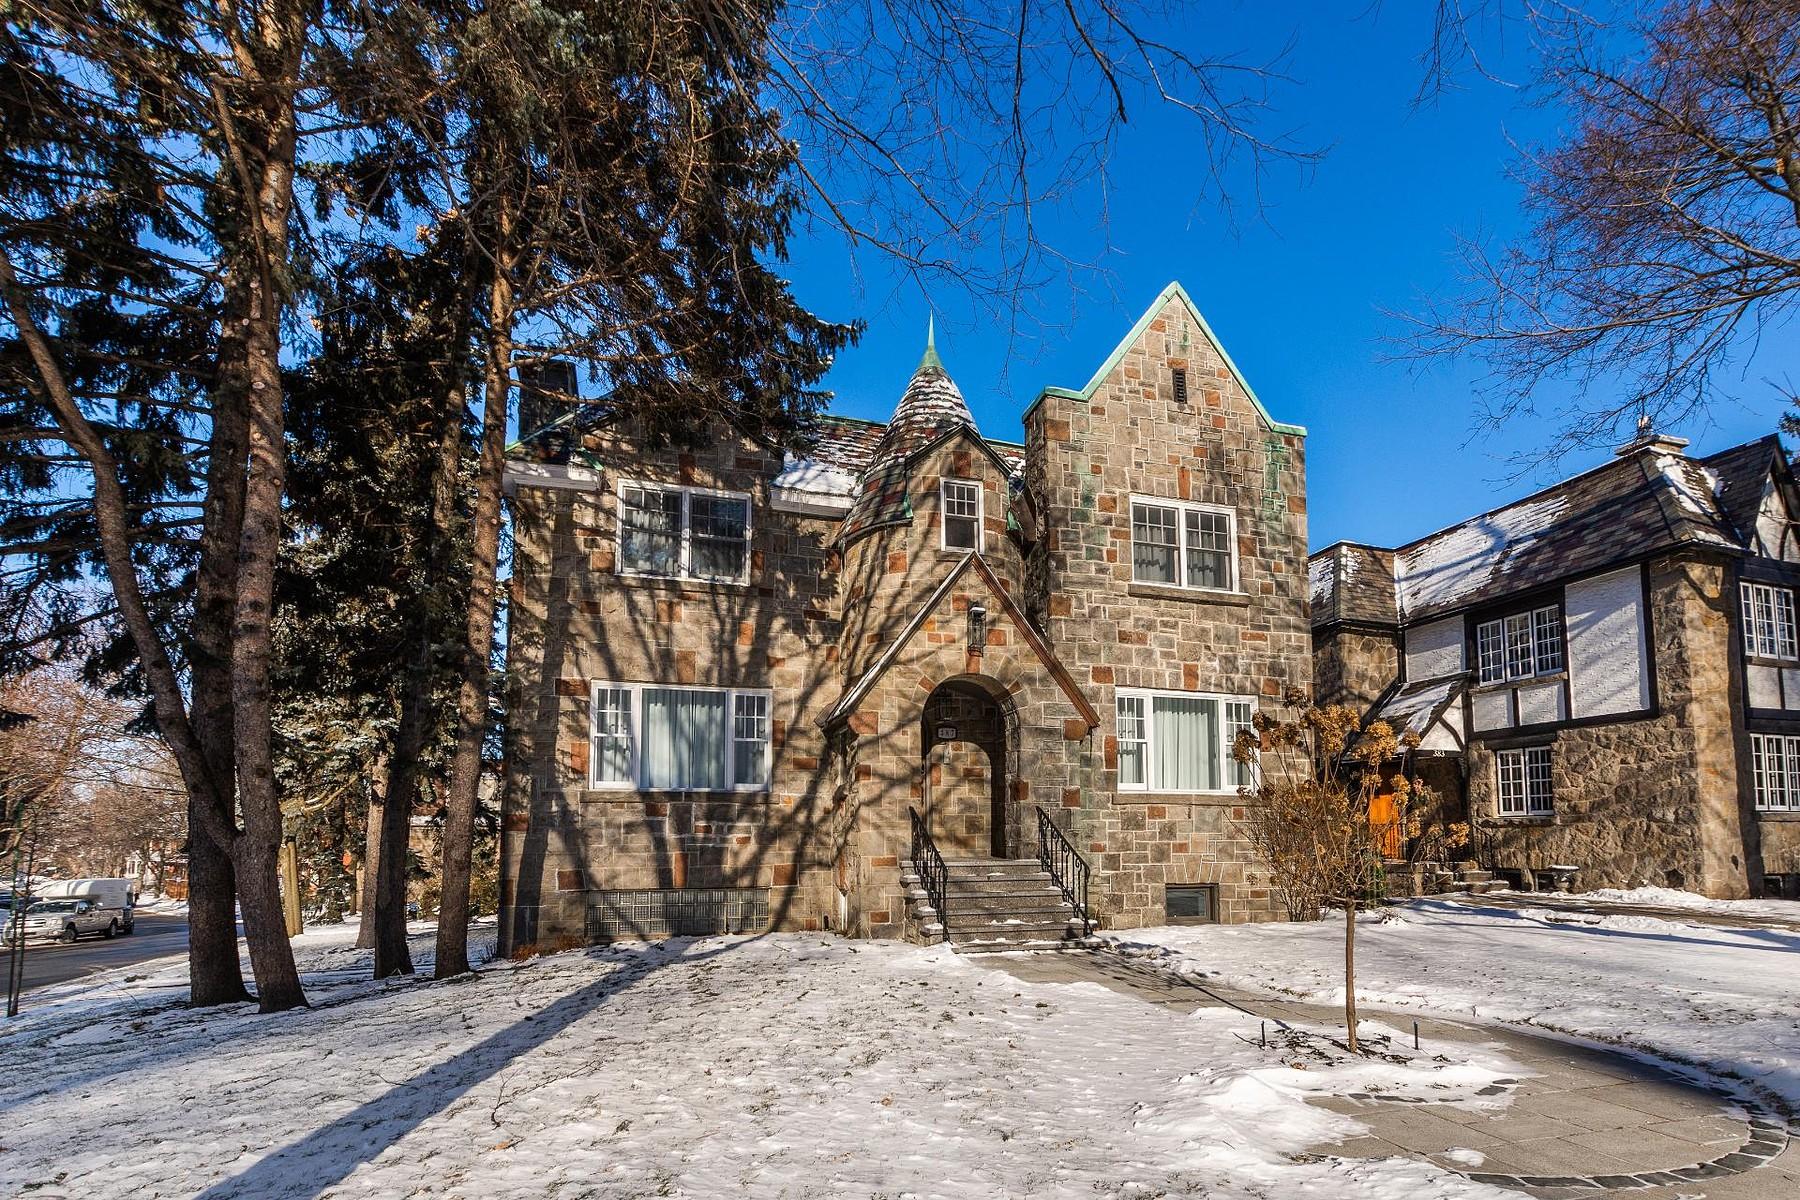 Single Family Homes for Sale at Outremont, Montréal 387 Ch. de la Côte-Ste-Catherine Outremont, Quebec H2V2B5 Canada